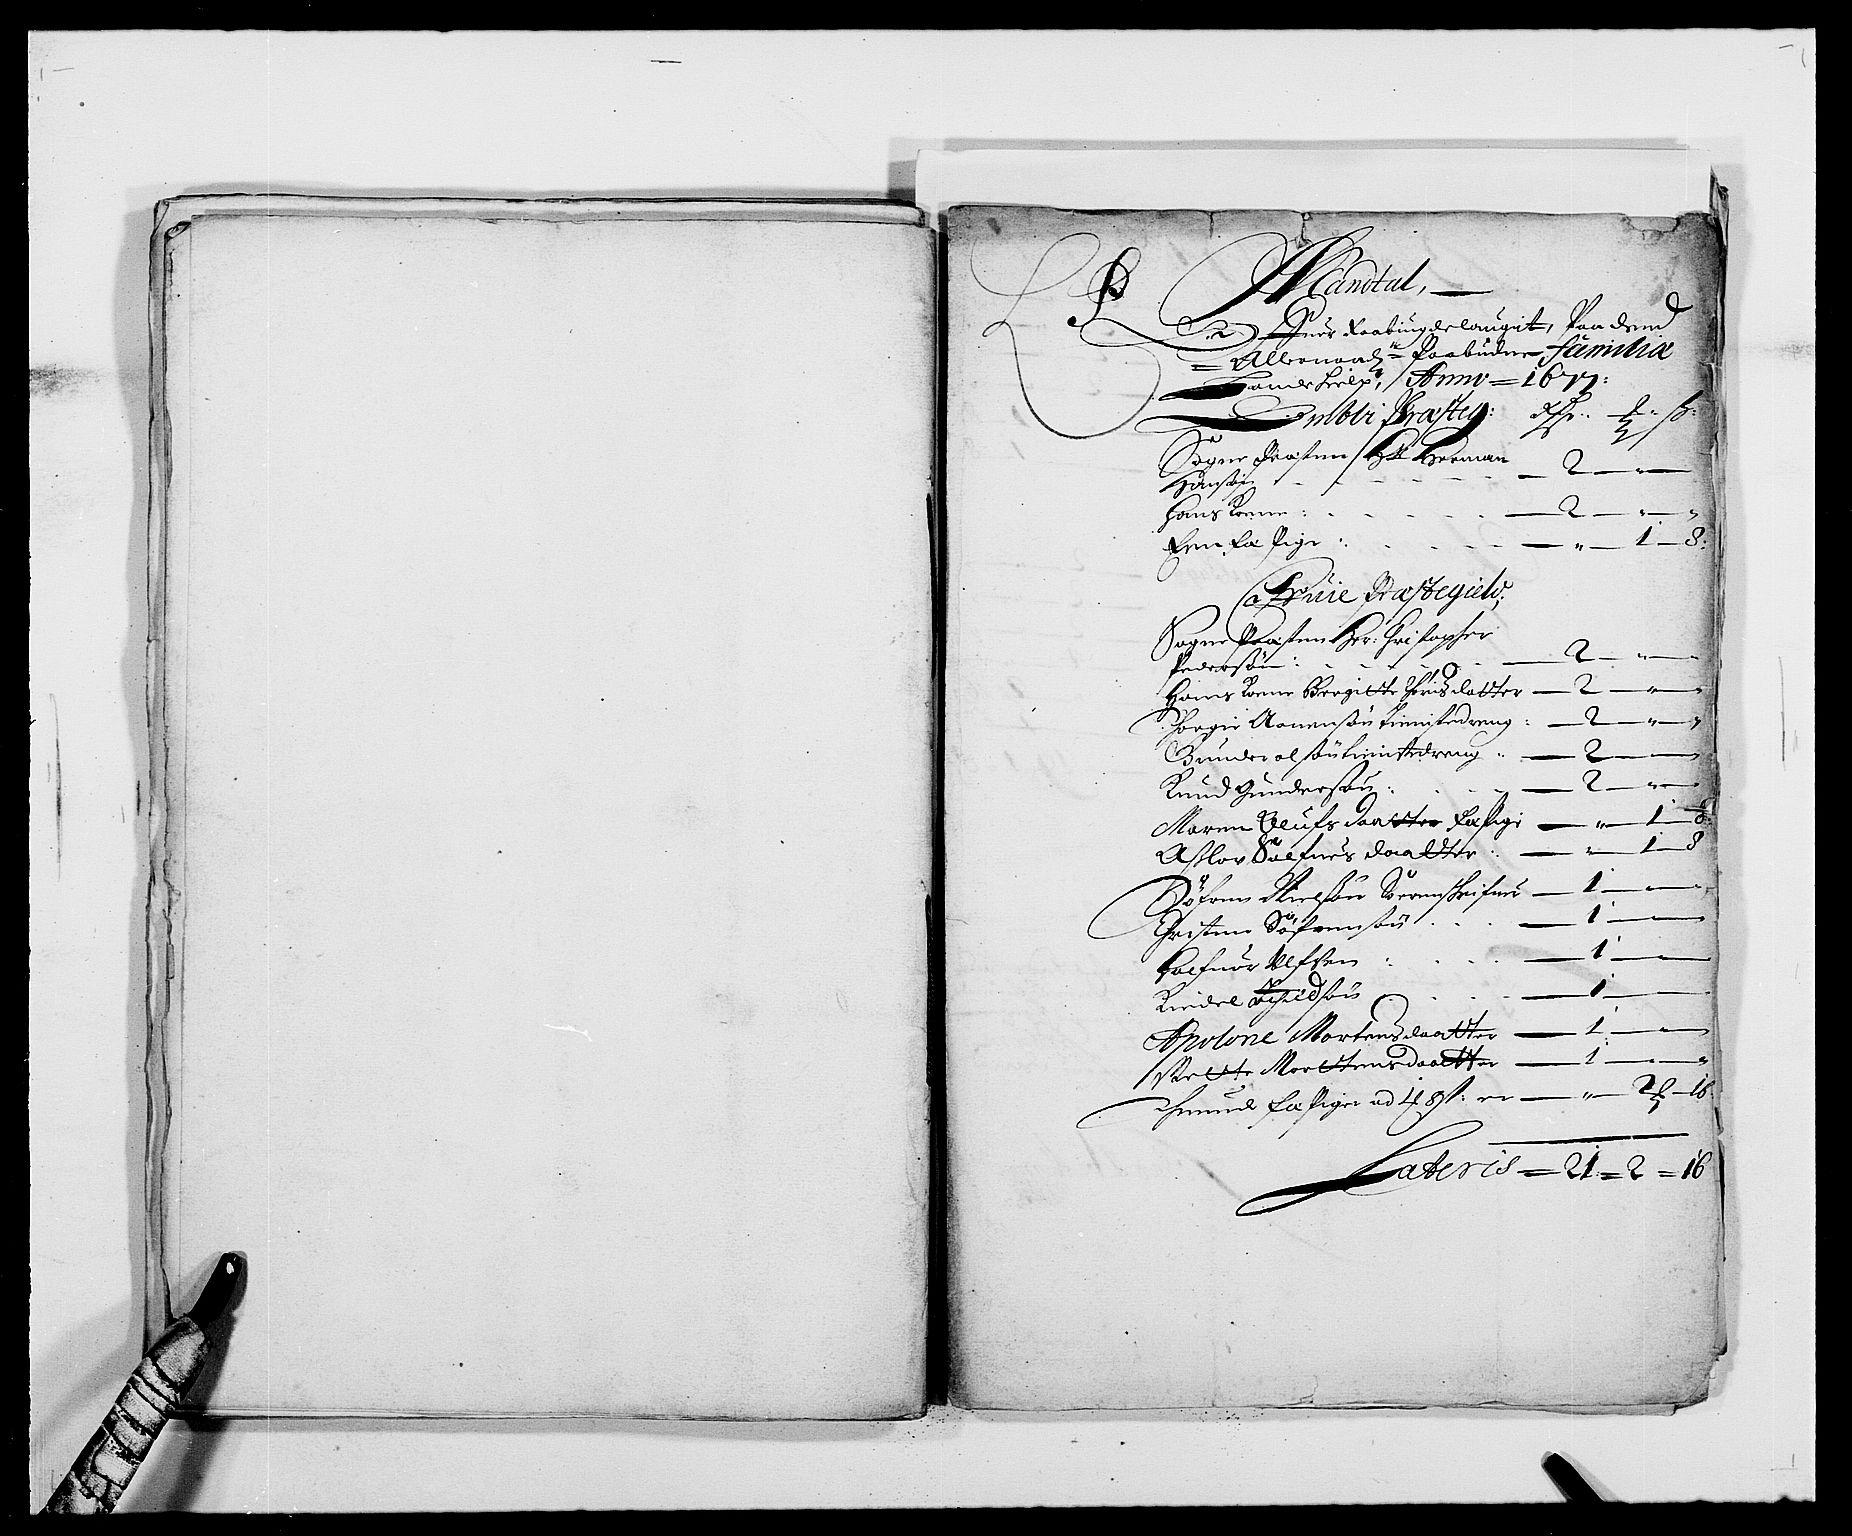 RA, Rentekammeret inntil 1814, Reviderte regnskaper, Fogderegnskap, R40/L2435: Fogderegnskap Råbyggelag, 1677-1678, s. 124